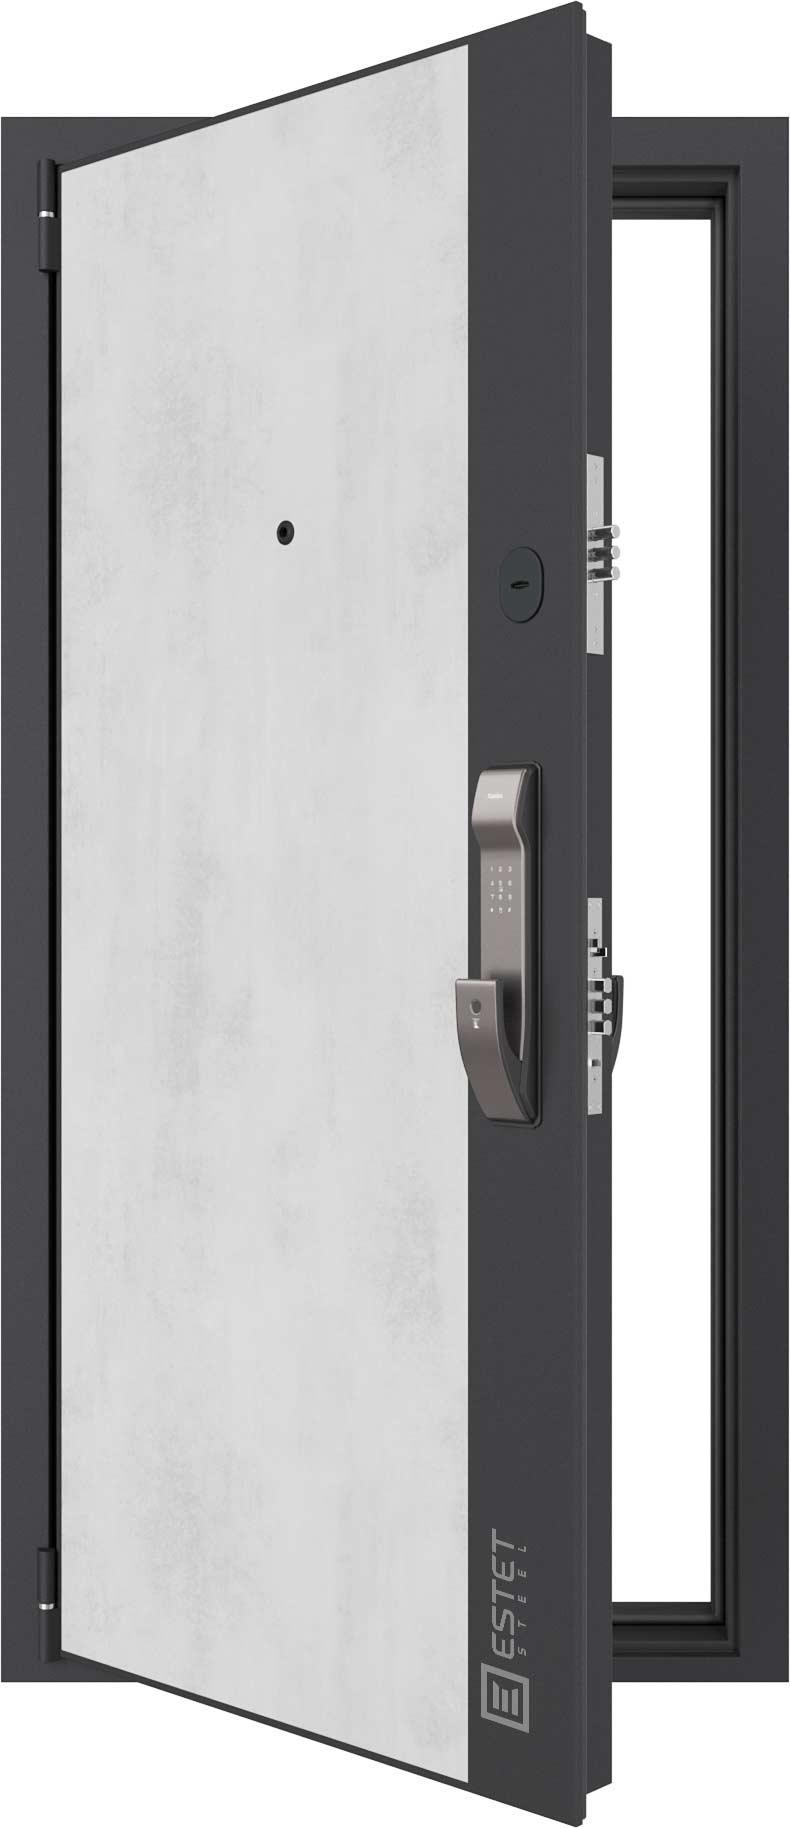 Входная дверь Дверь Лофт SMART 2.2 с электронным замком